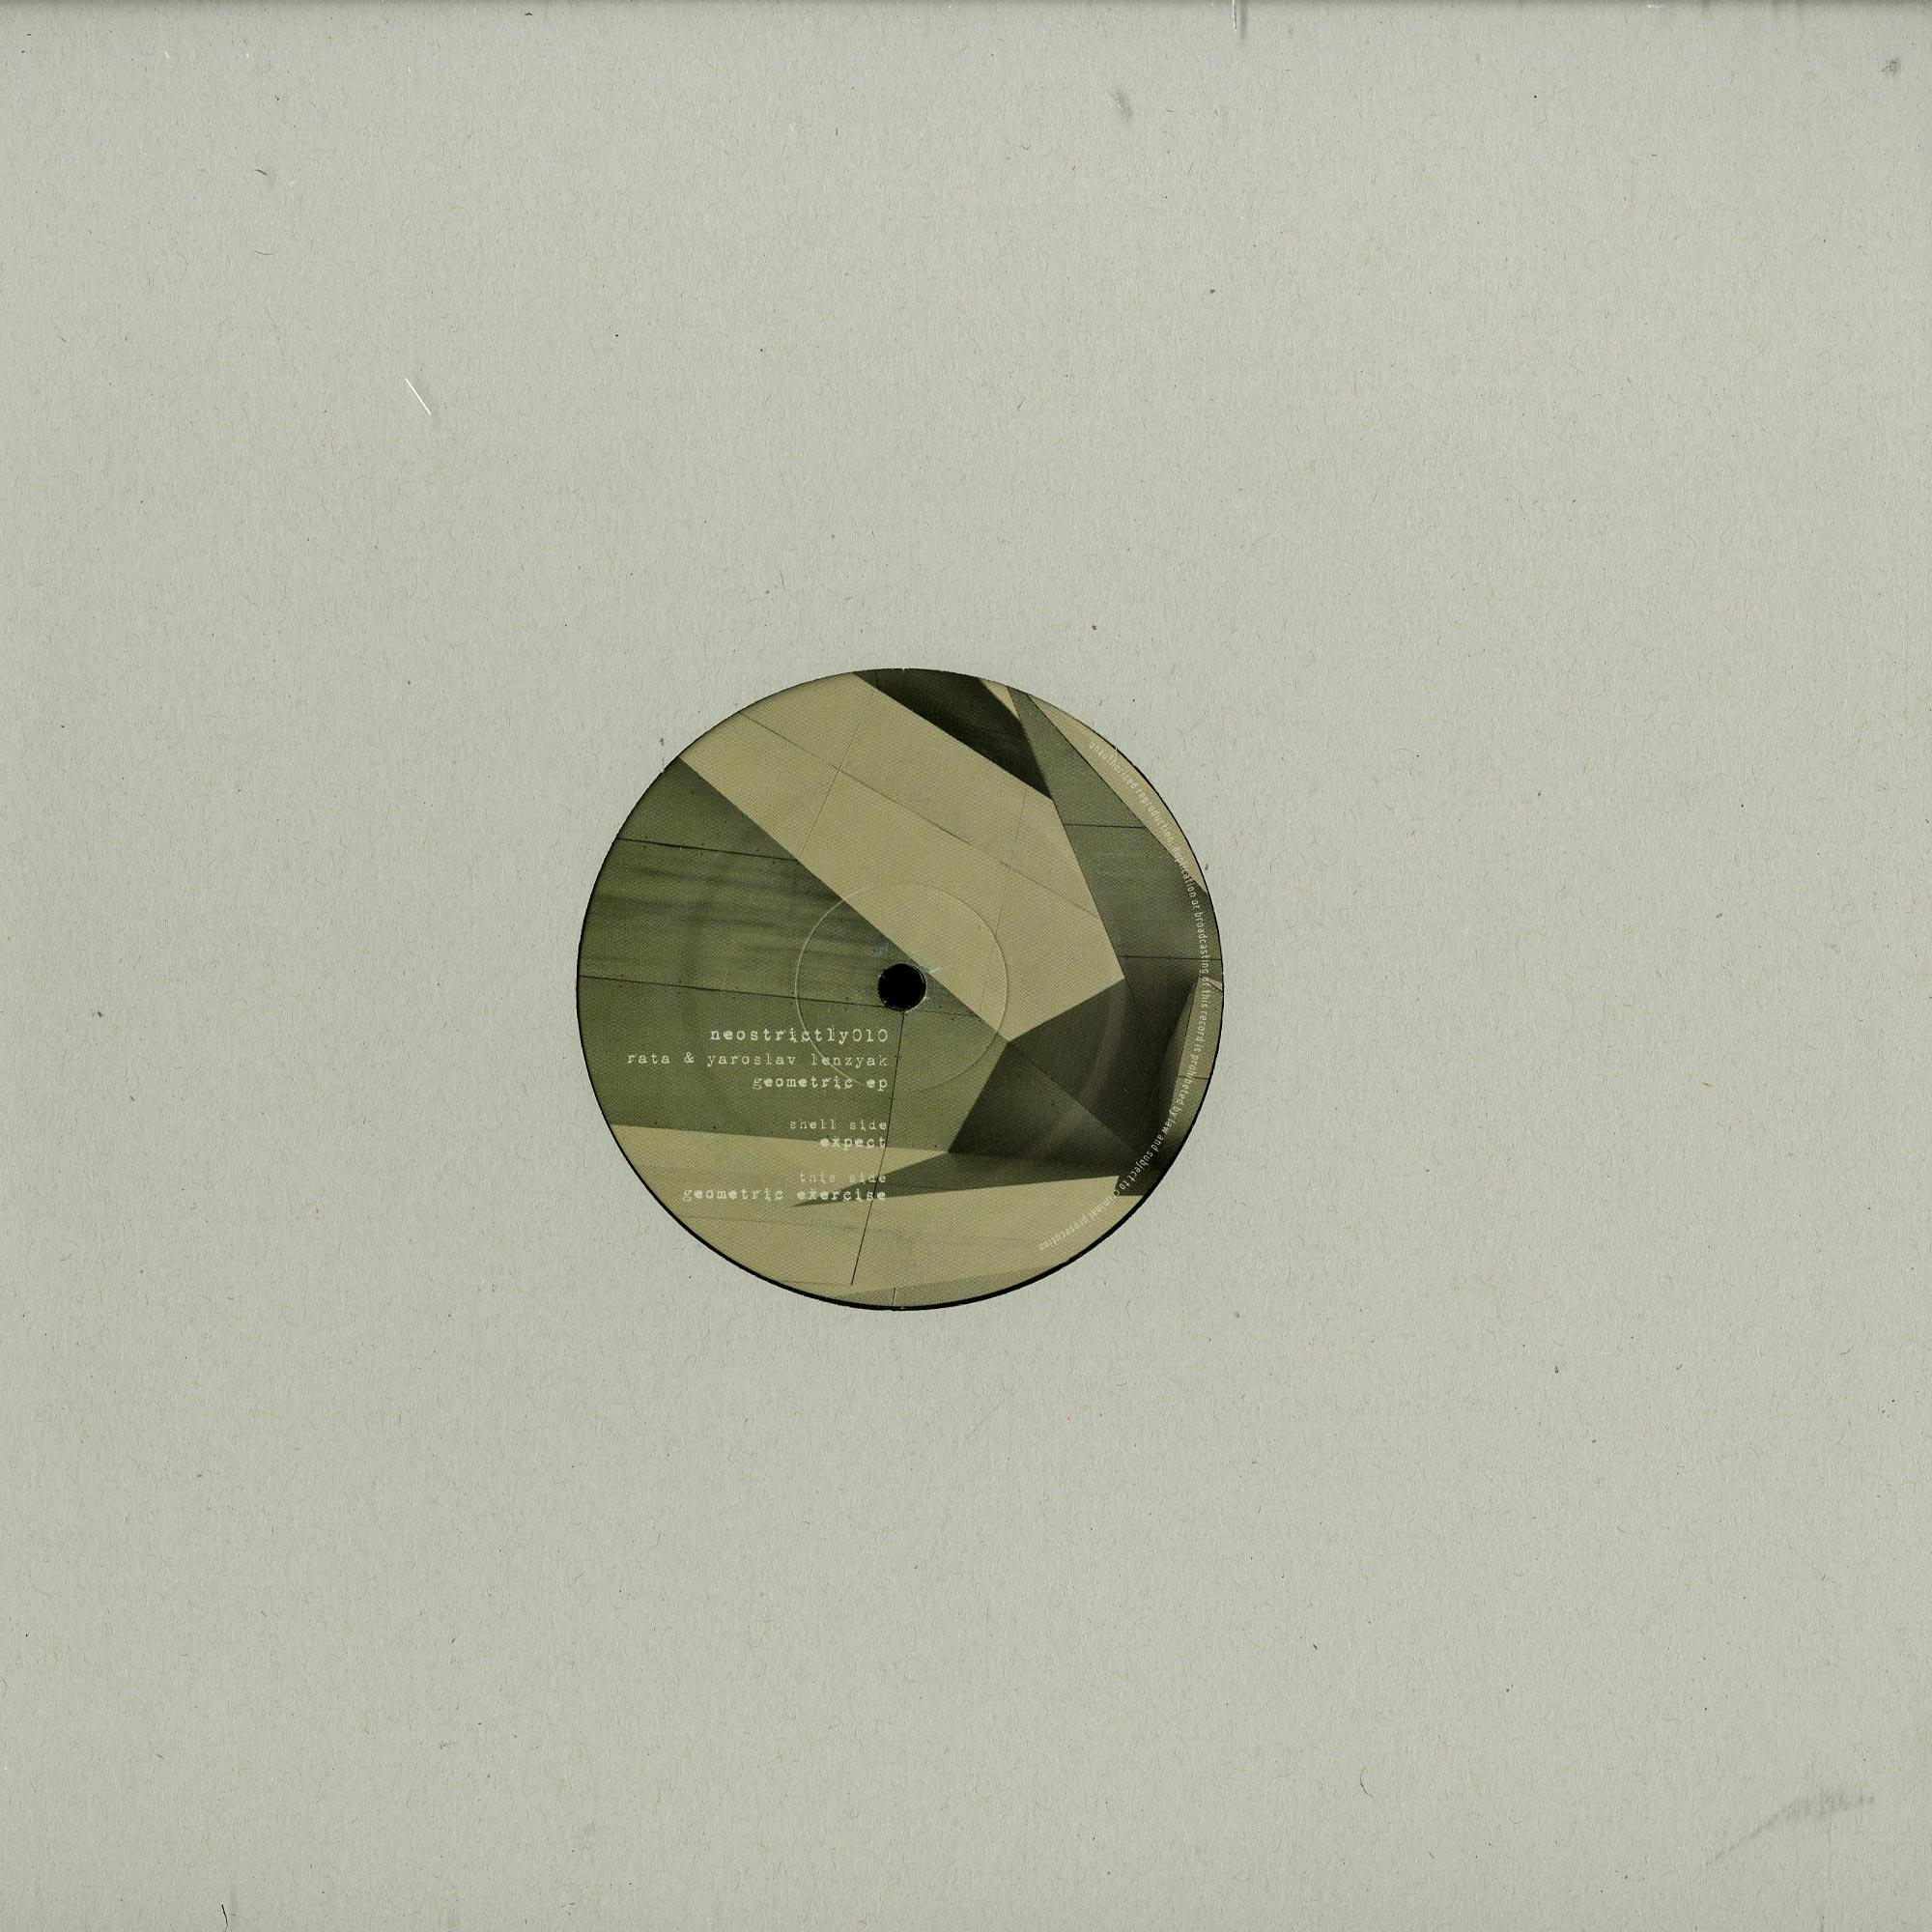 Rata & Yaroslav Lenzyak - GEOMETRIC EP